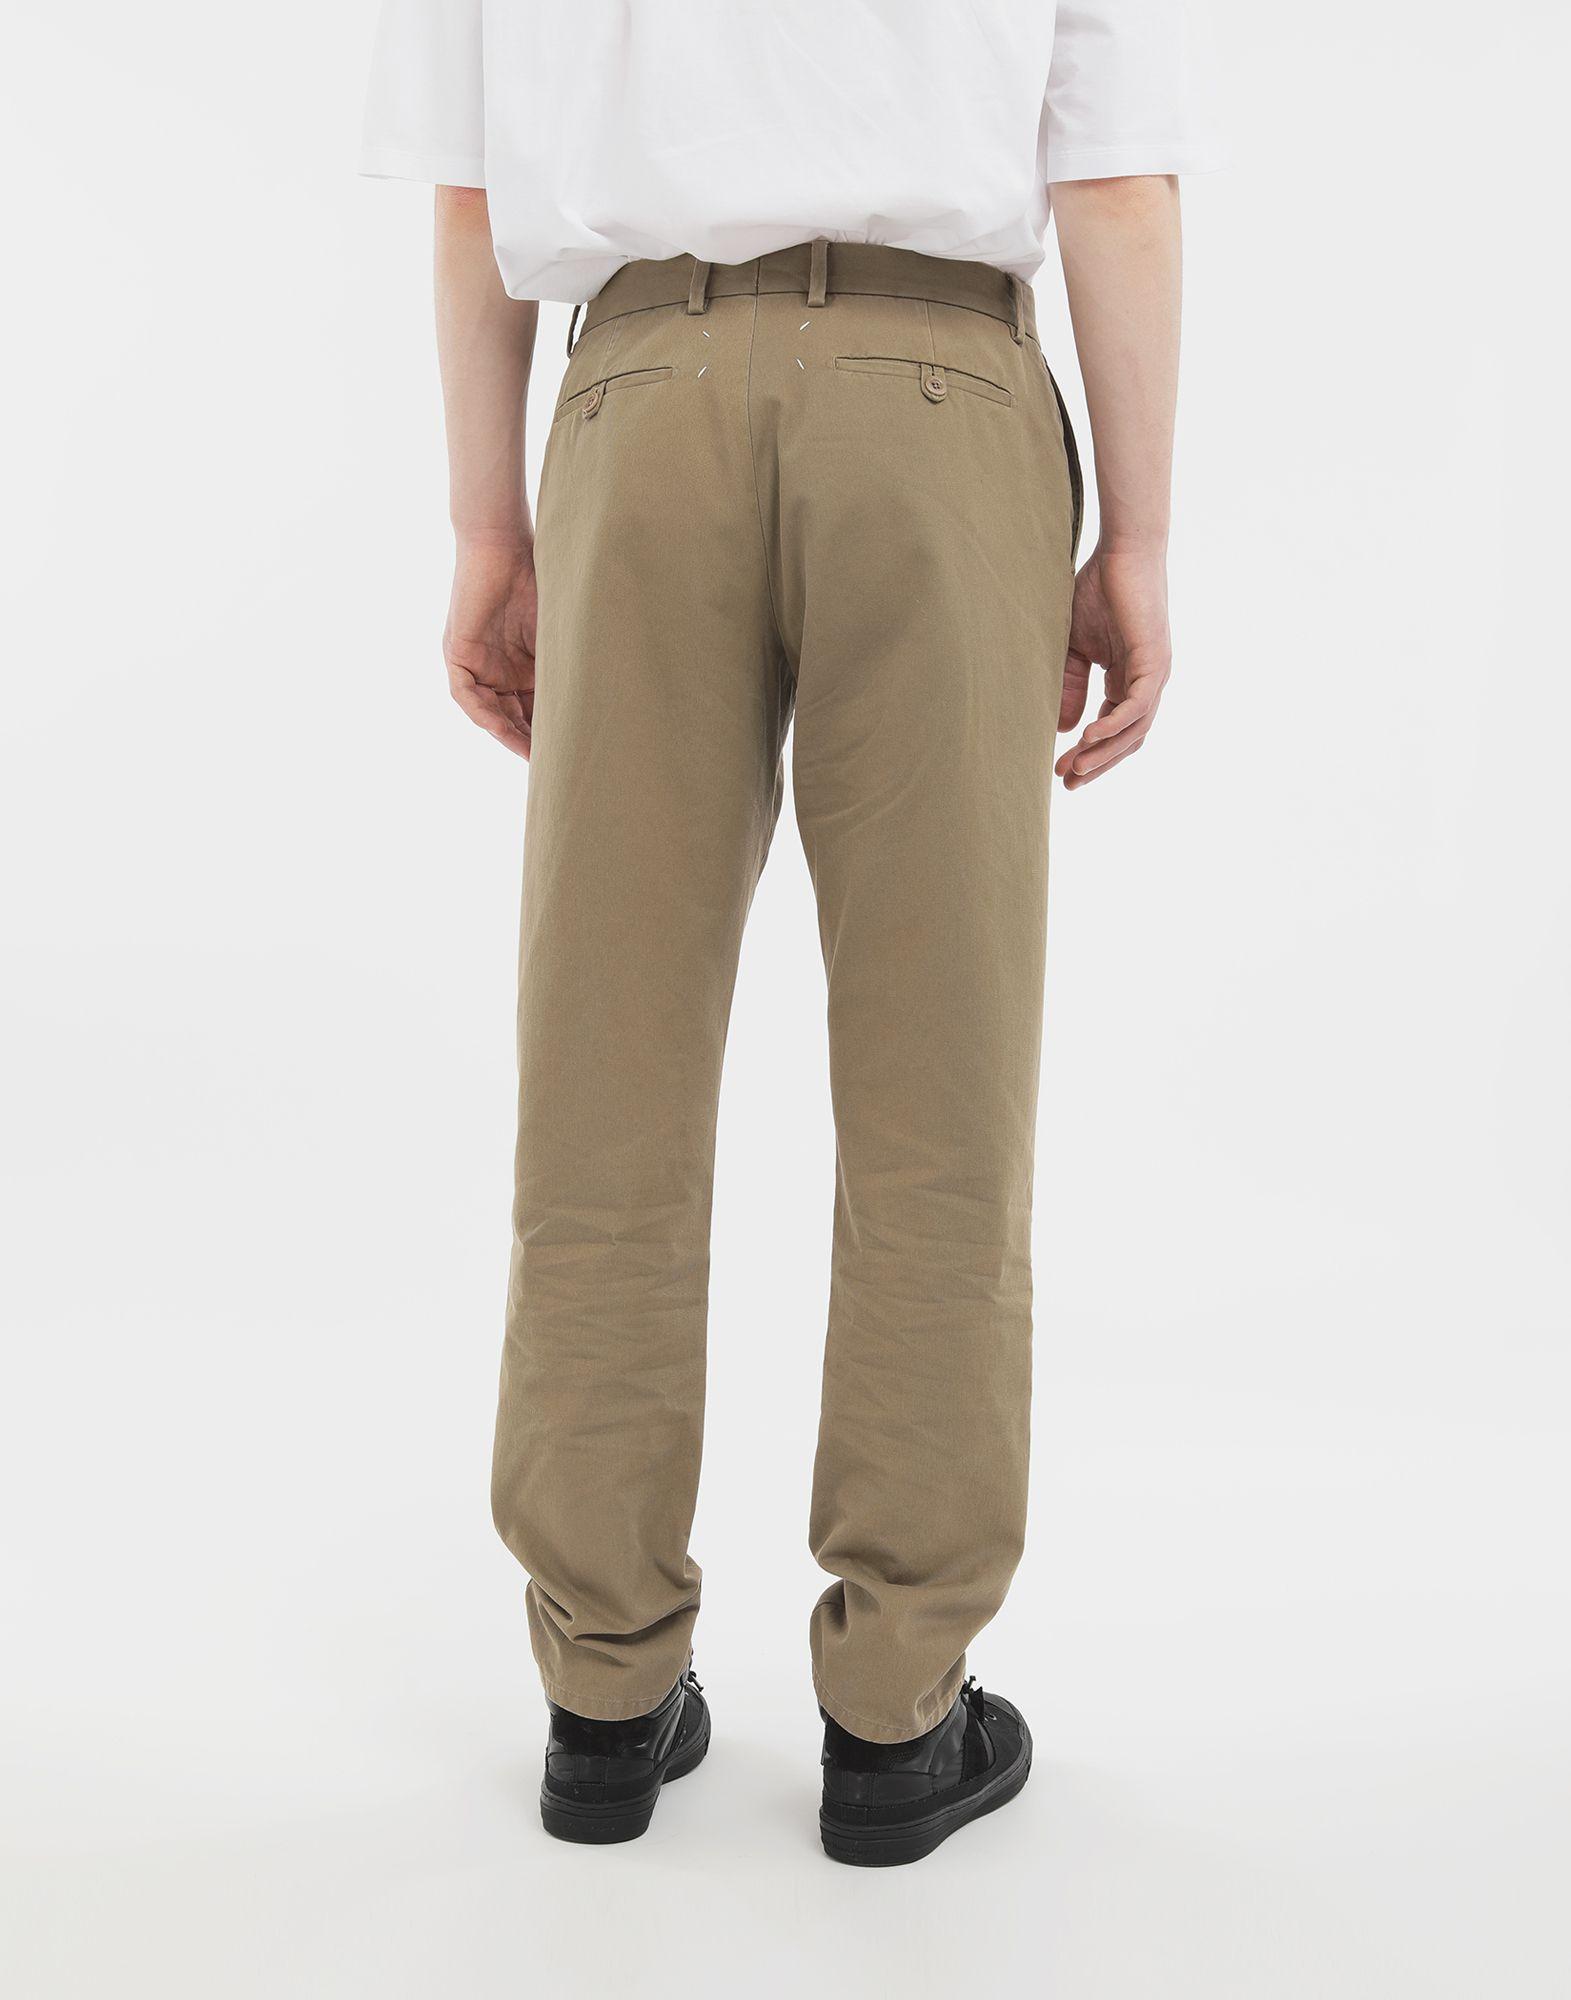 MAISON MARGIELA Cotton trousers Casual pants Man e